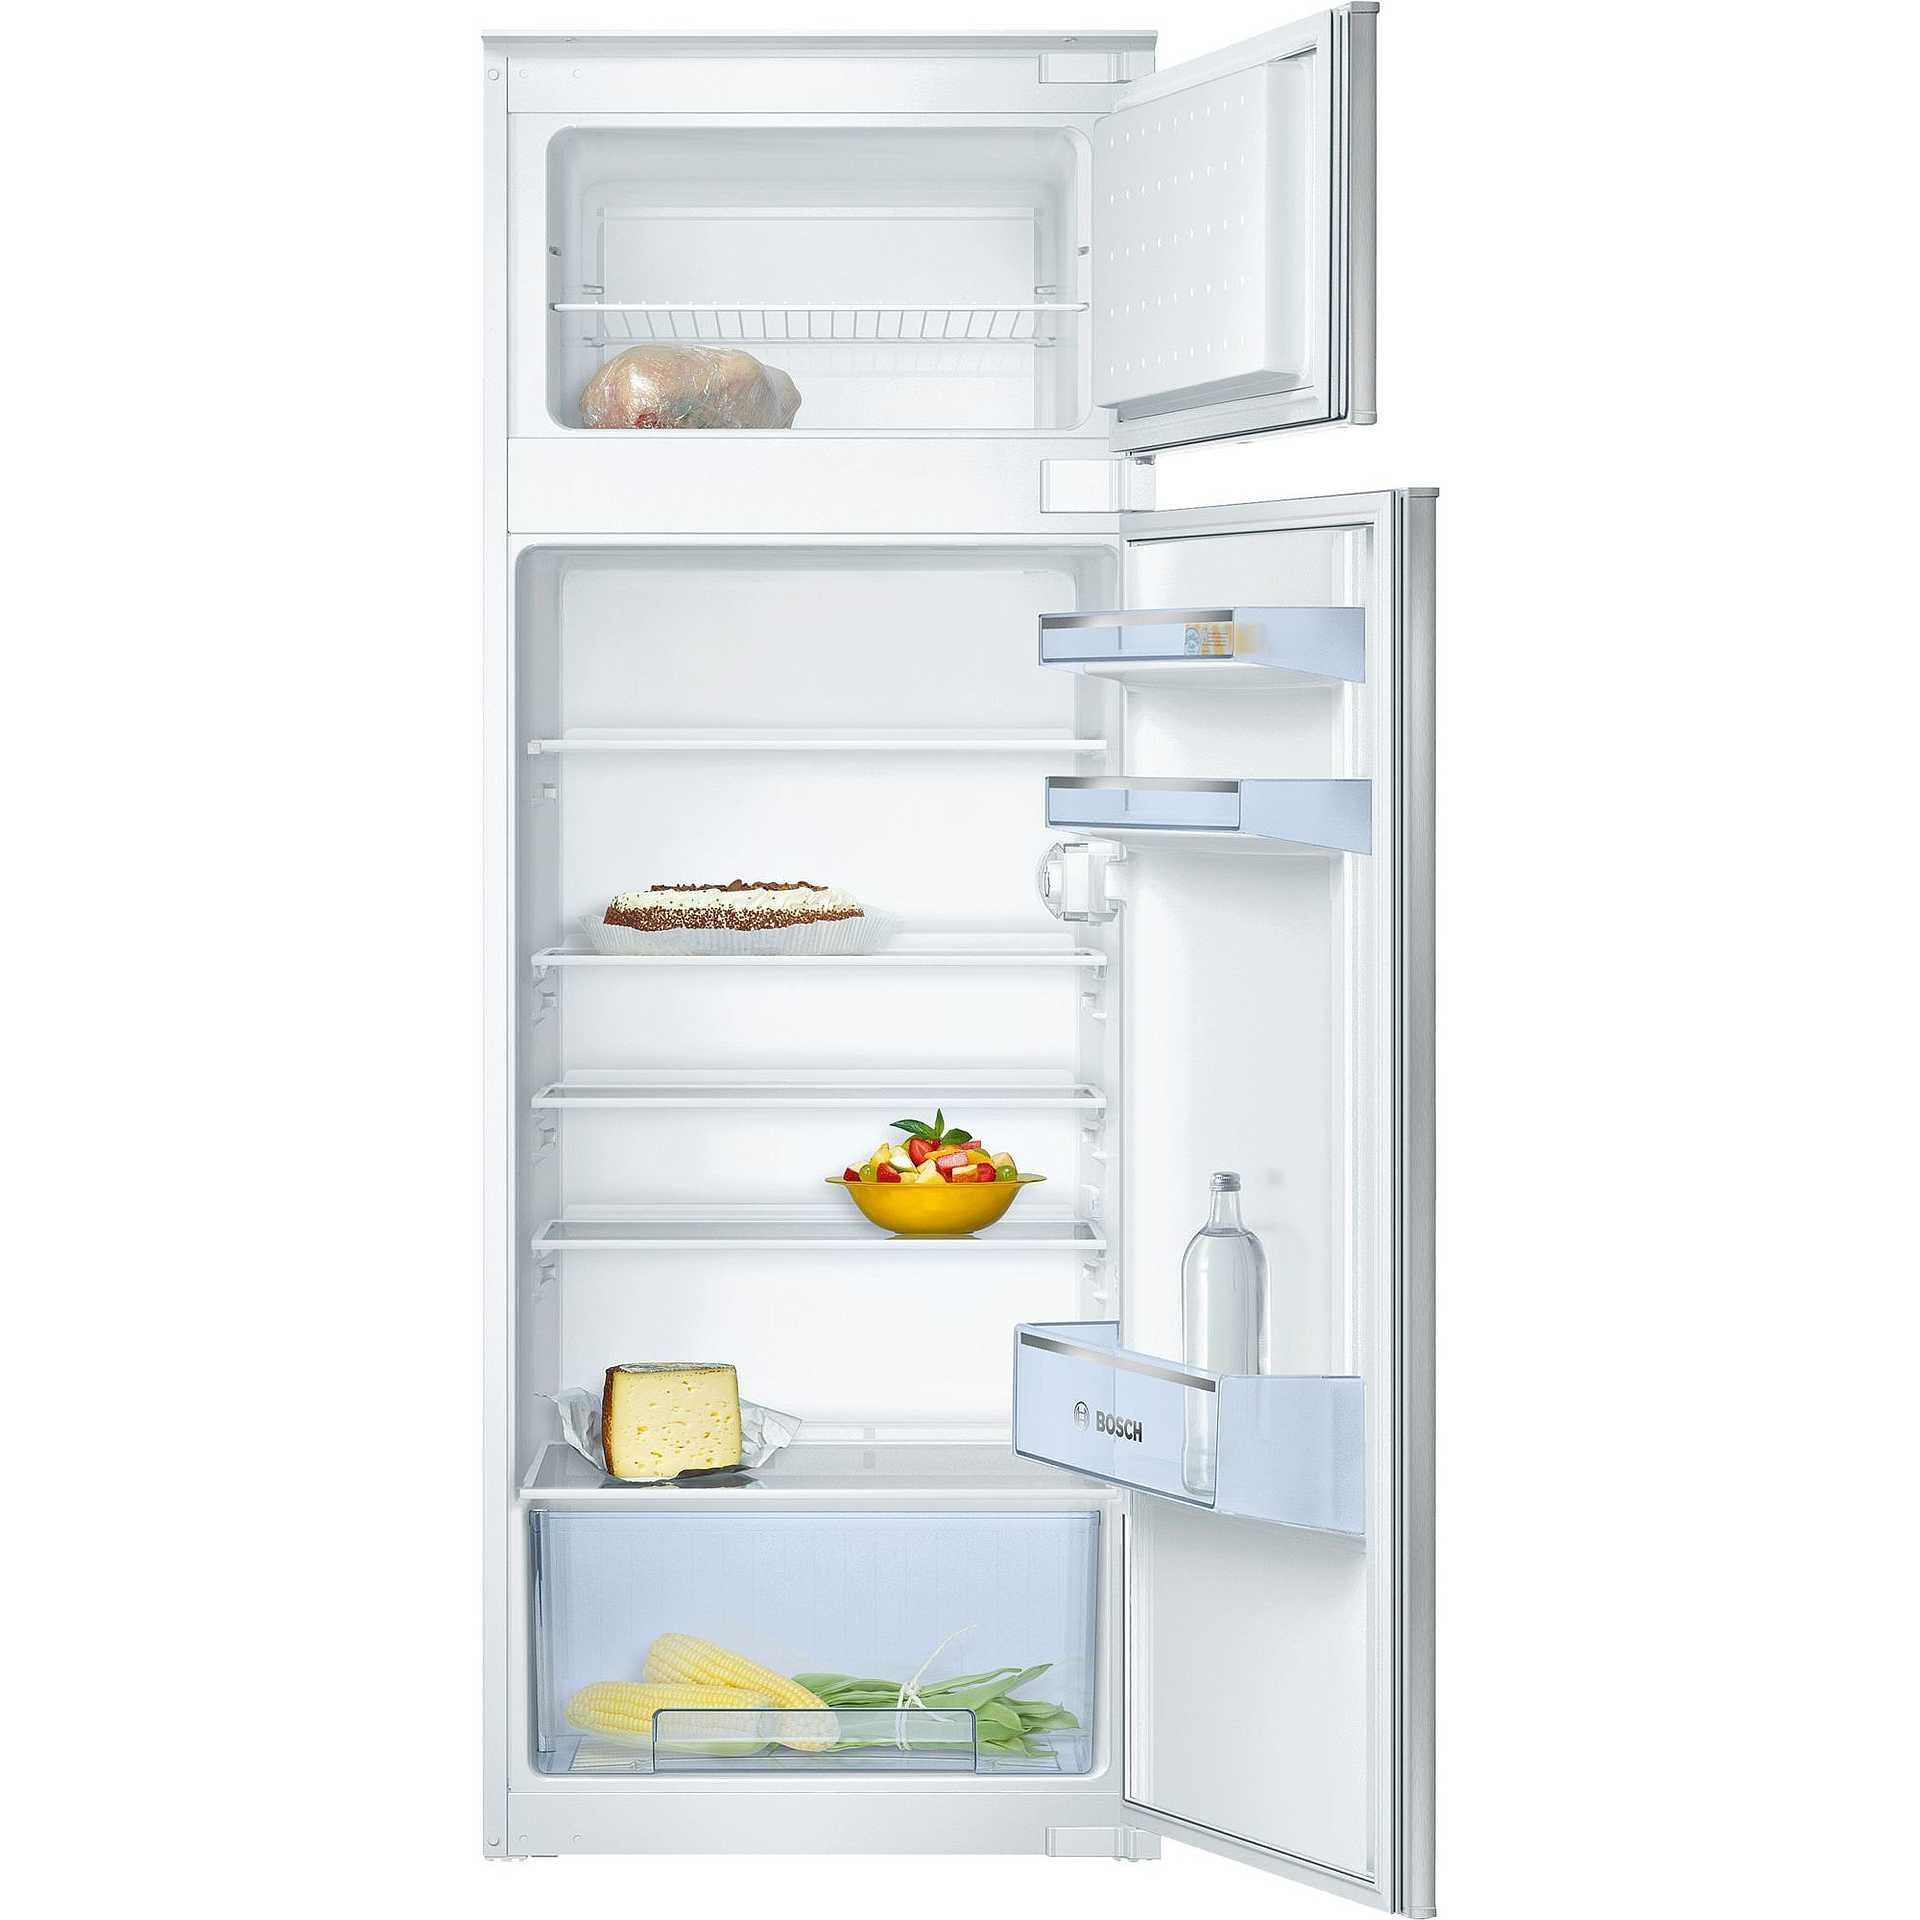 Bosch kid26v21ie frigorifero doppia porta da incasso 227 litri classe a frigo e congelatori - Frigoriferi doppia porta classe a ...